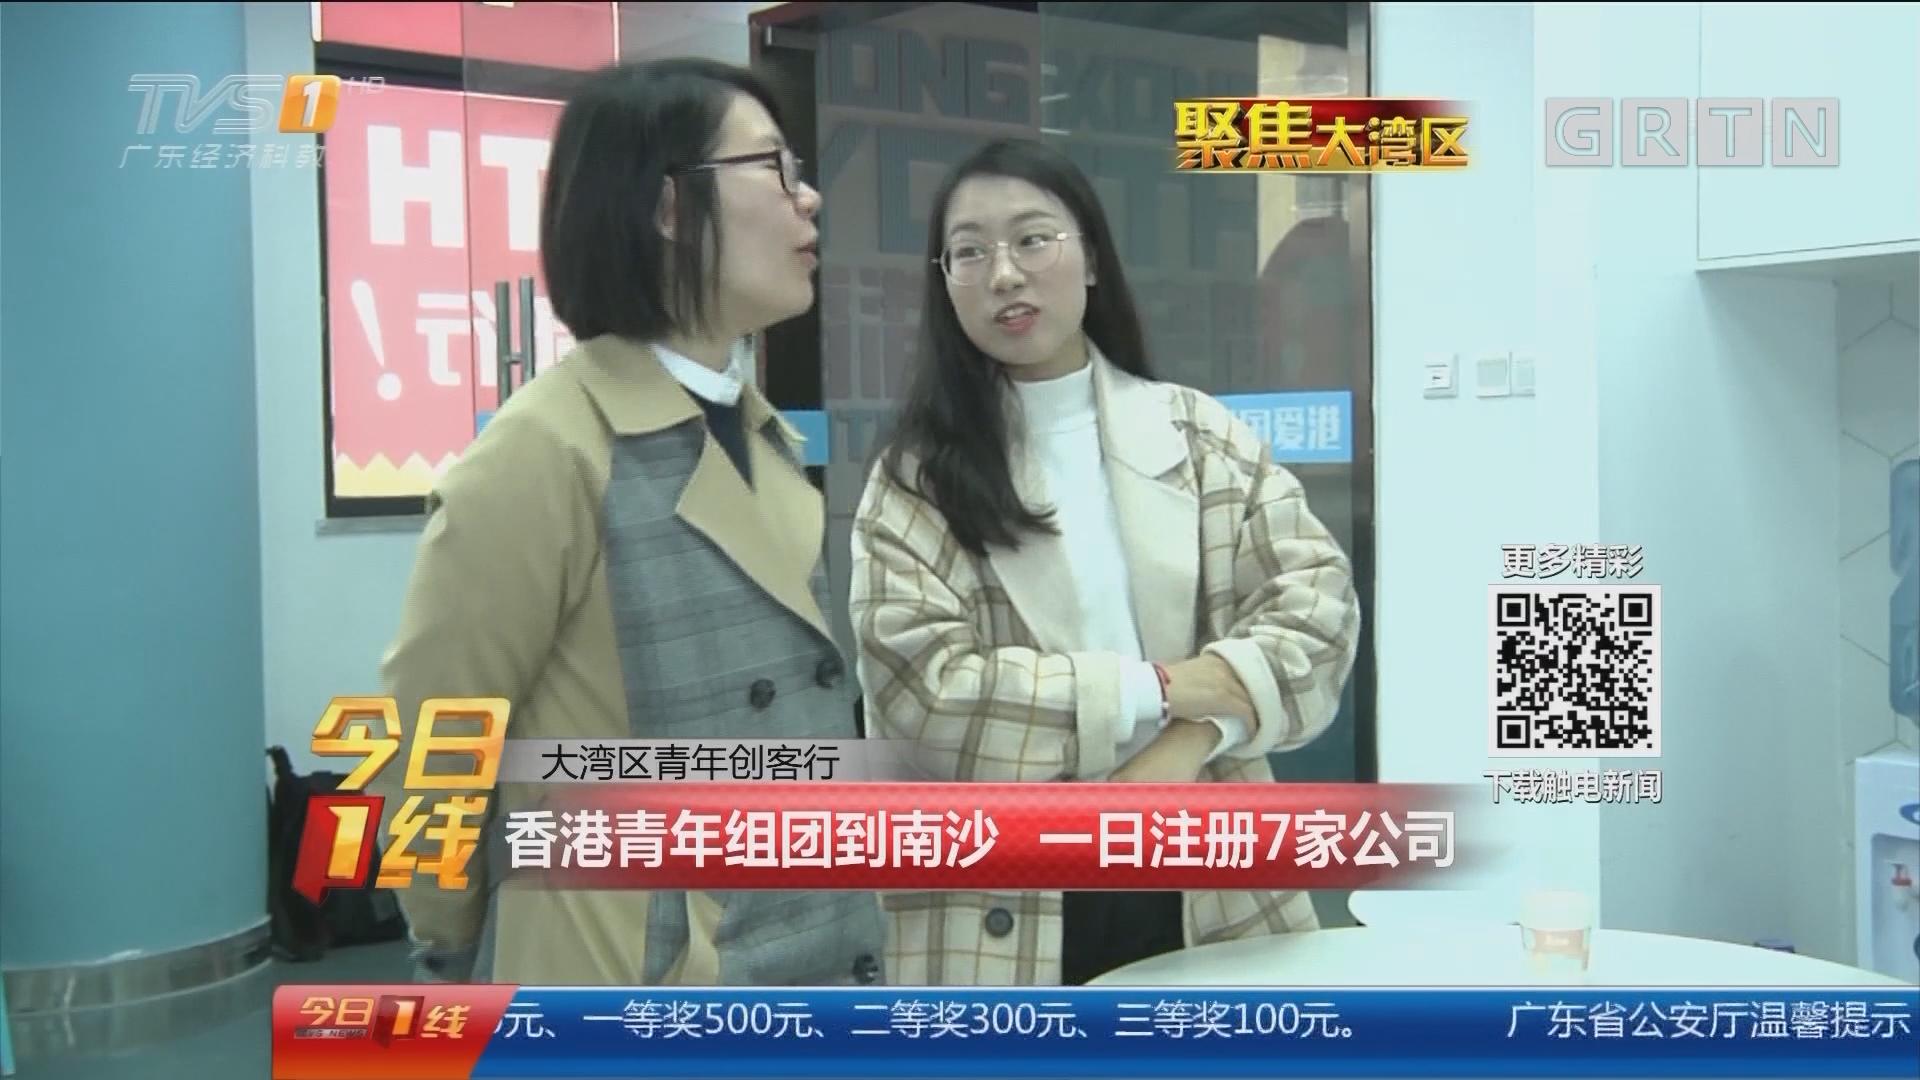 大湾区青年创客行:香港青年组团到南沙 一日注册7家公司